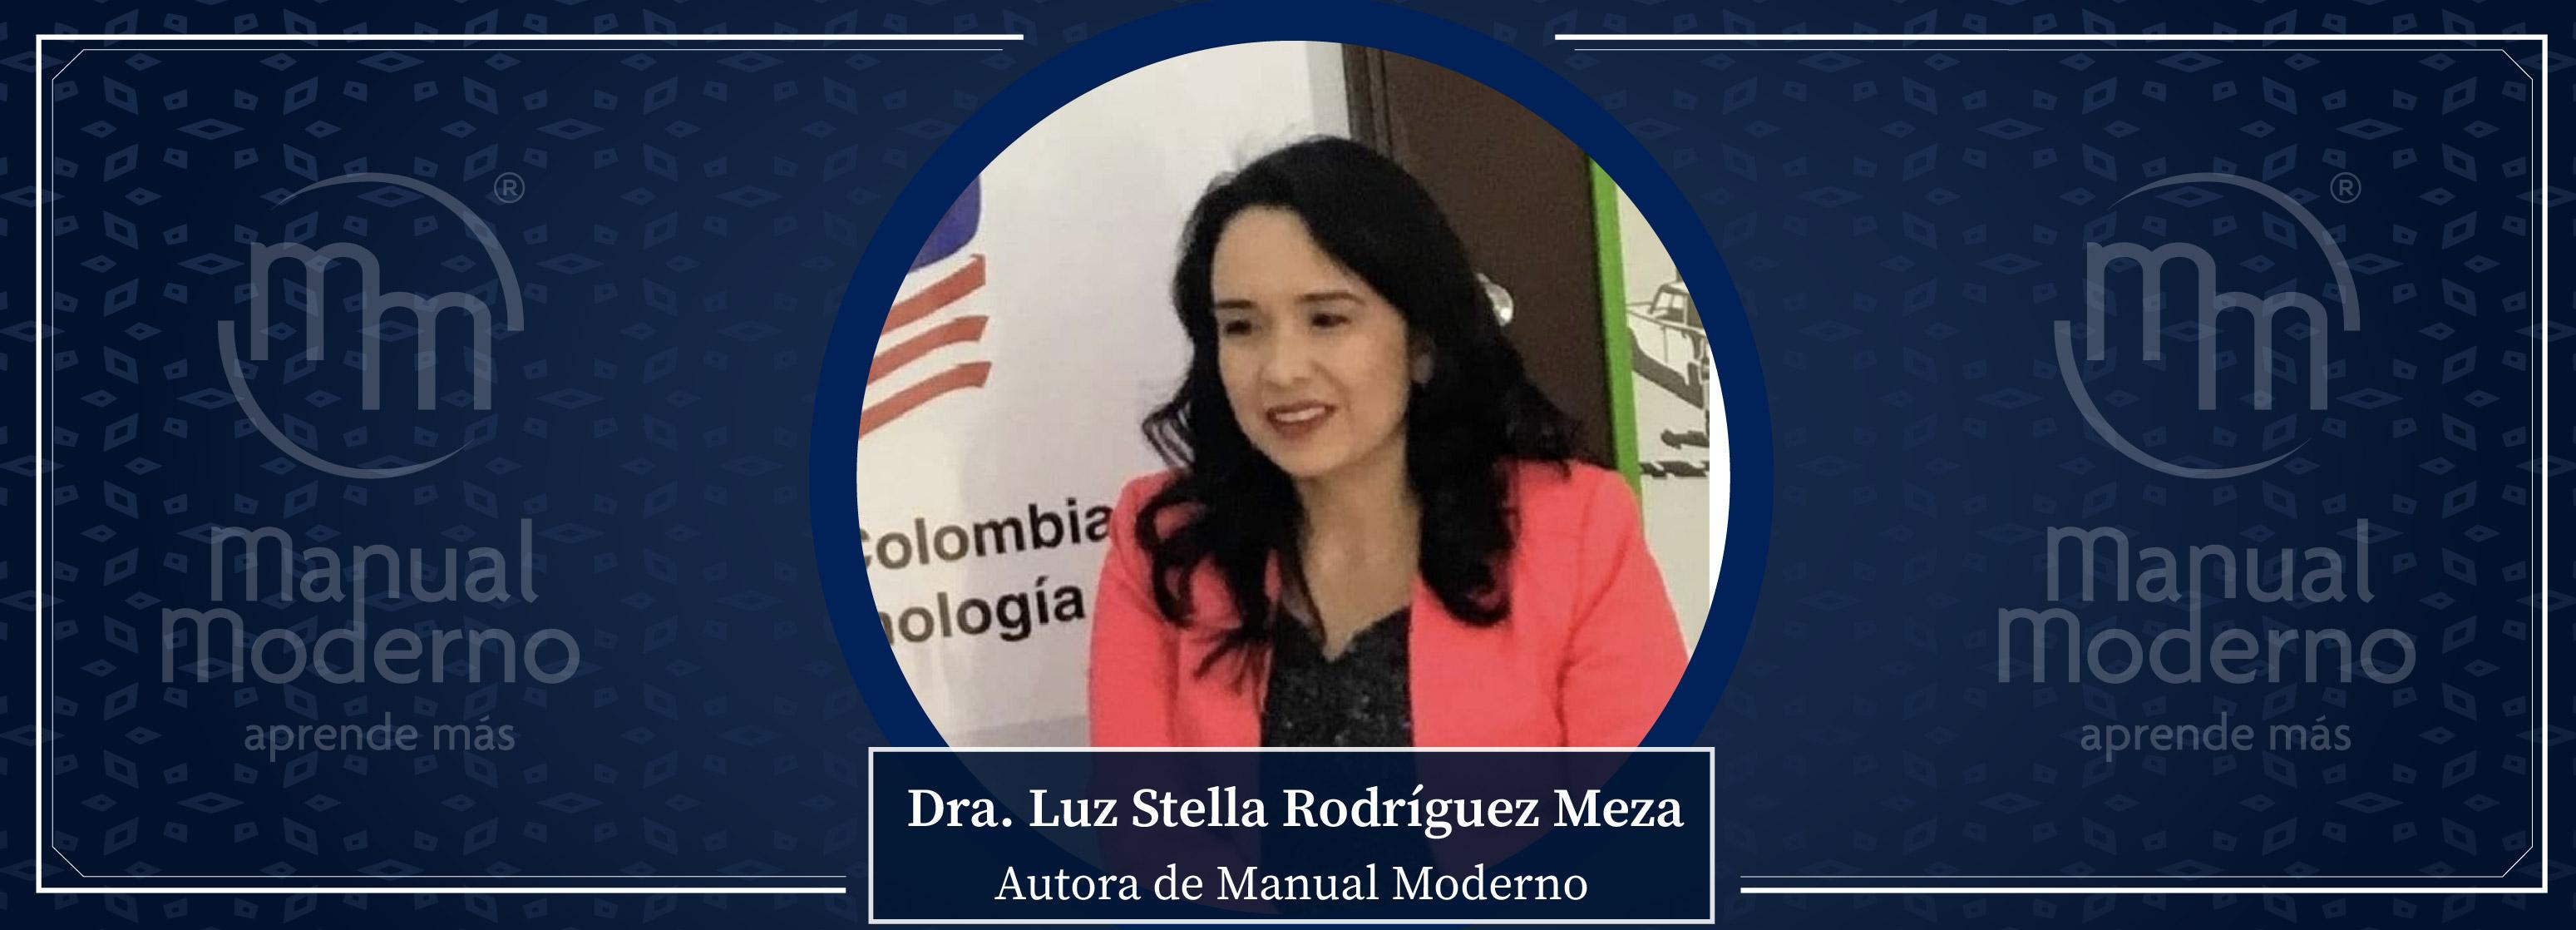 Nuestros Autores. Dra. Luz Stella Rodríguez Meza